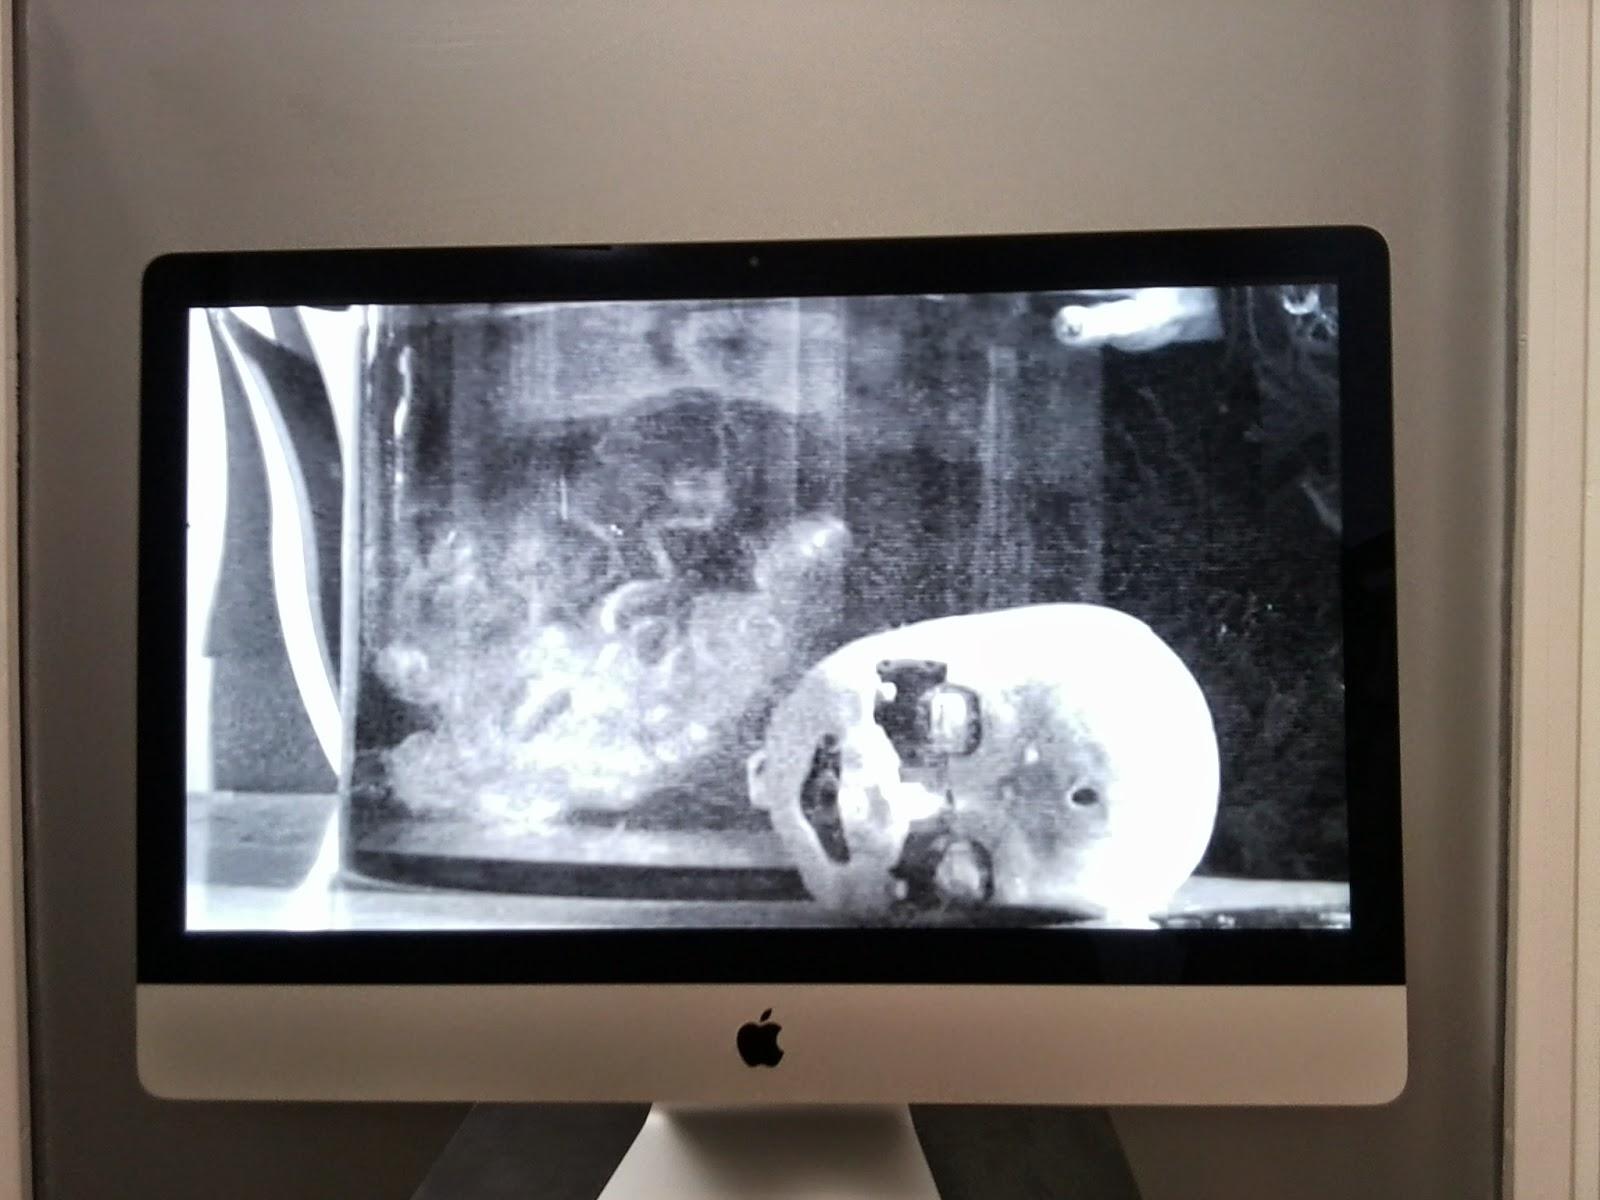 fotografía de autor, sofía santaclara, galería espacio foto, fotografía en blanco y negro, voa-gallery, blog de arte, victim of art, yvonne brochard,